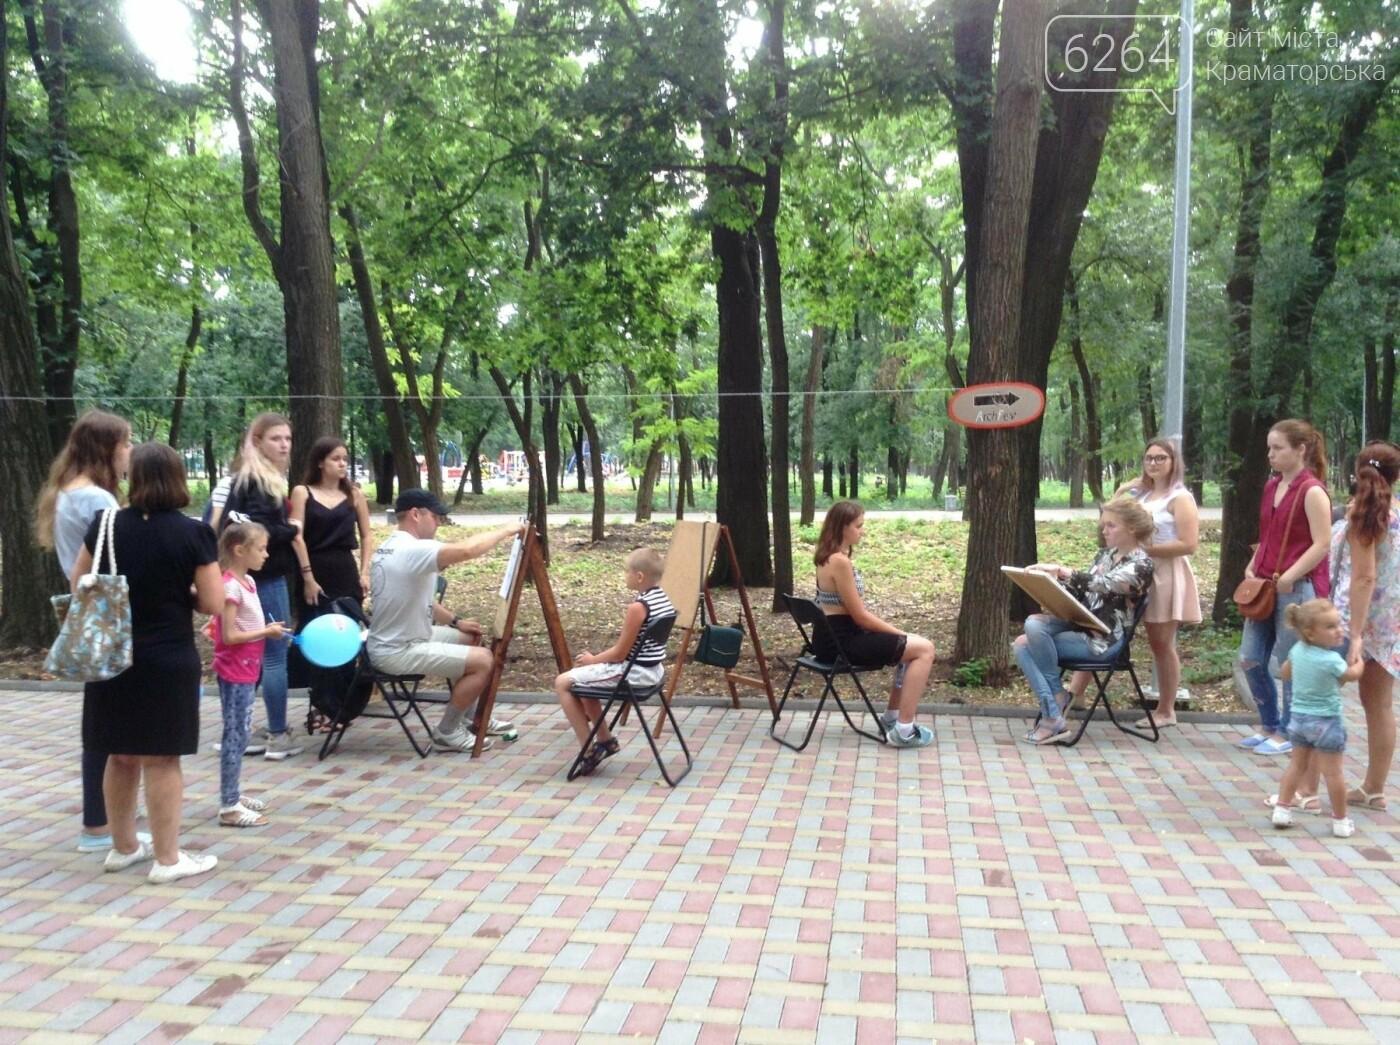 В Краматорске прошел яркий и увлекательный ArchFest, фото-8